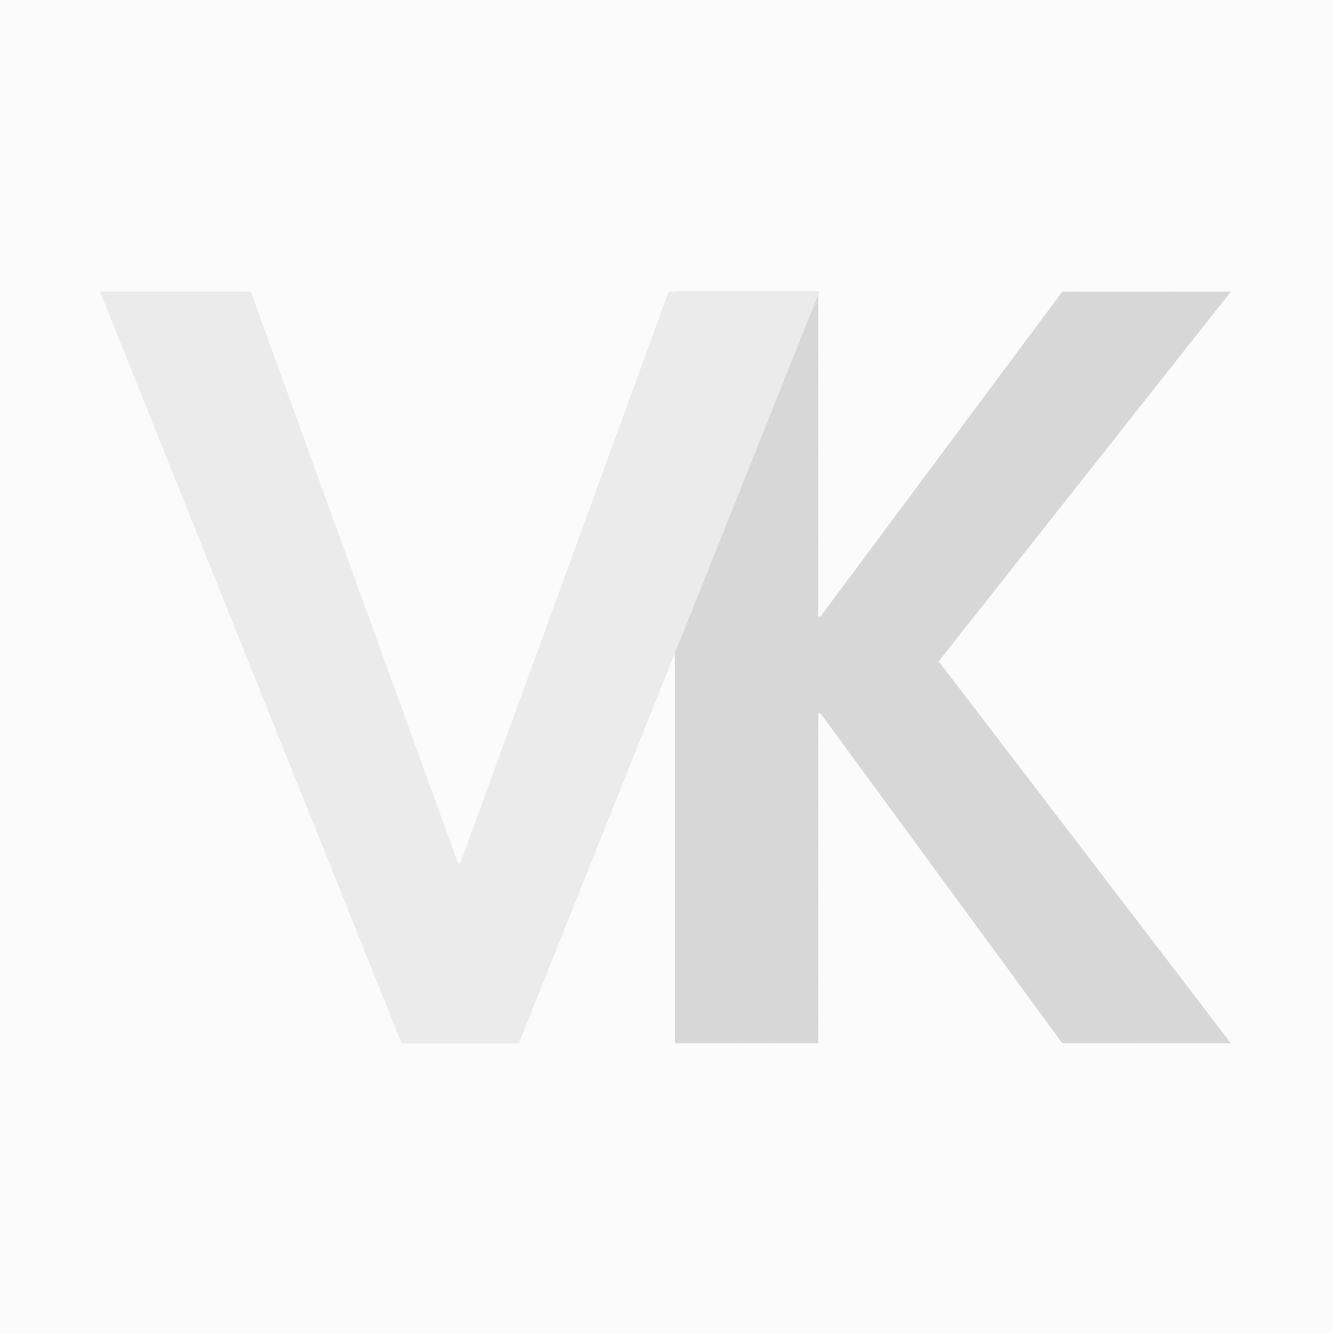 Kyone S14T Modeleer Kappersschaar 6.0